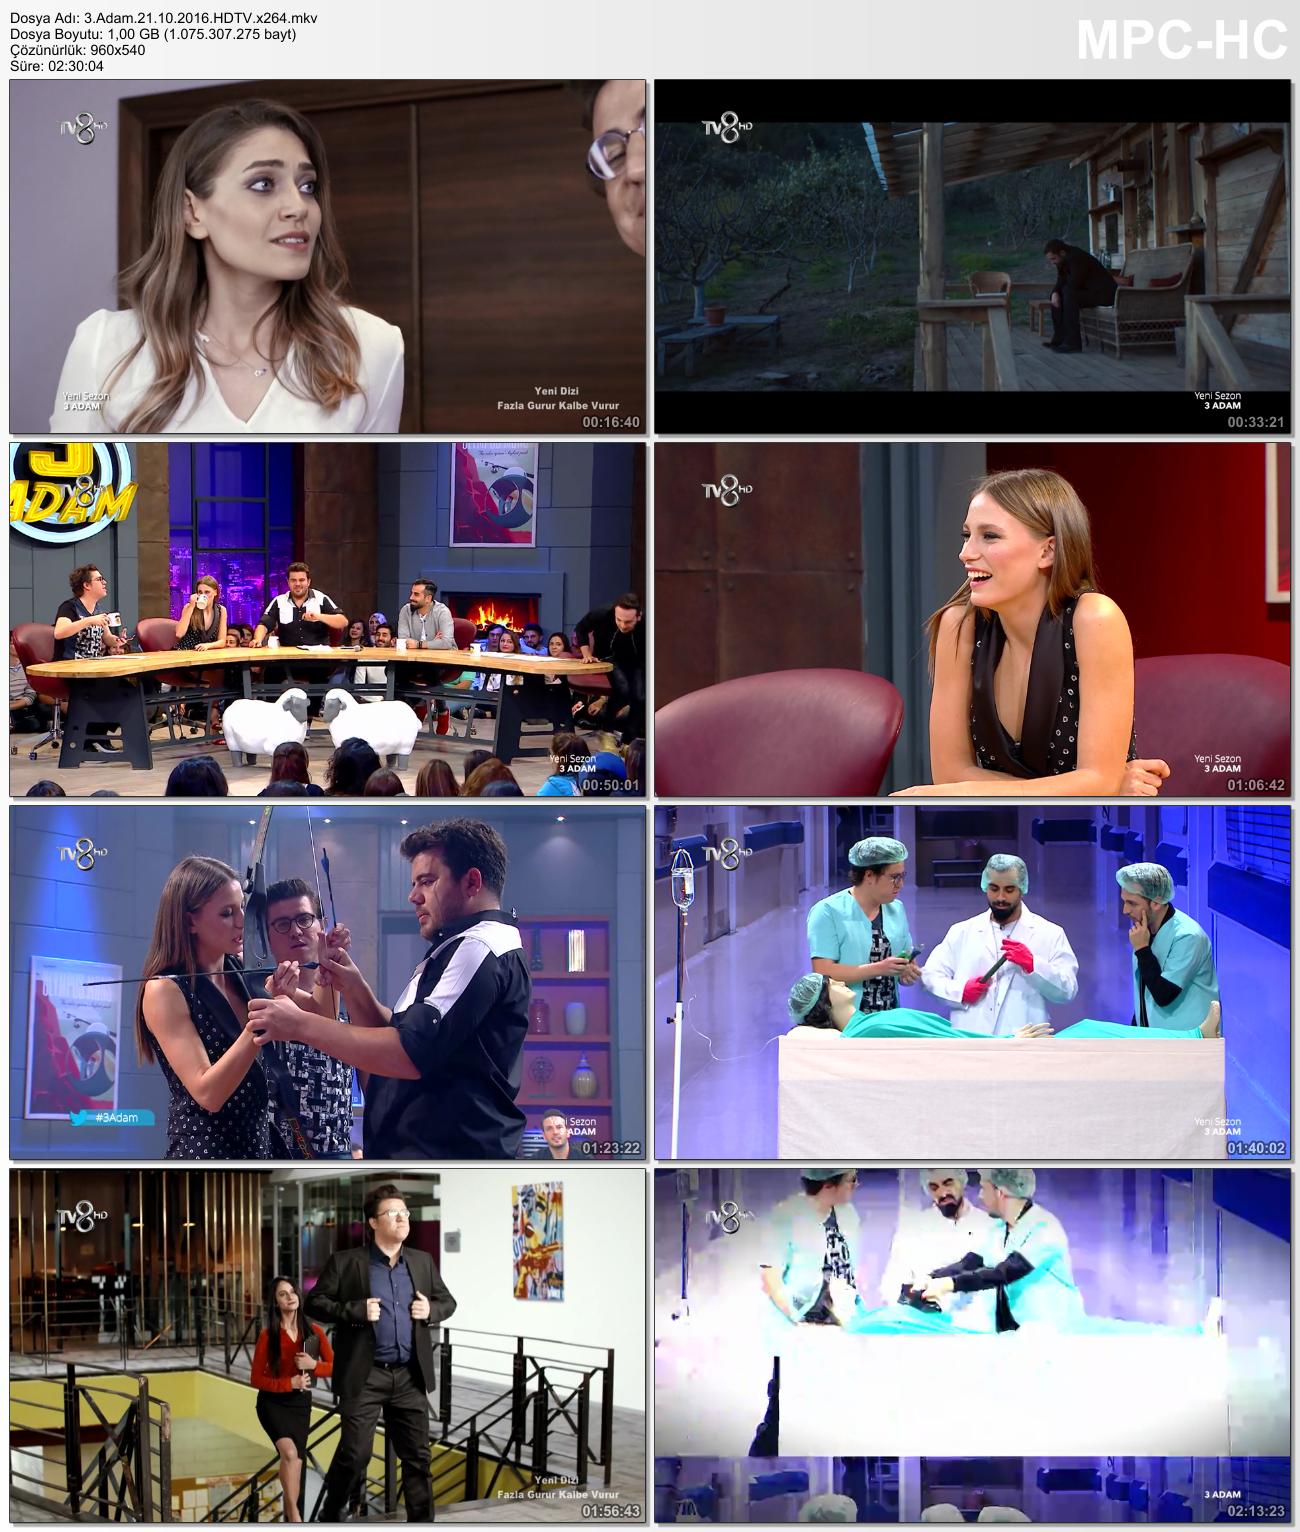 3 Adam 19.04.2015 (HDTV - 720p) Tüm Bölümler - VKRG